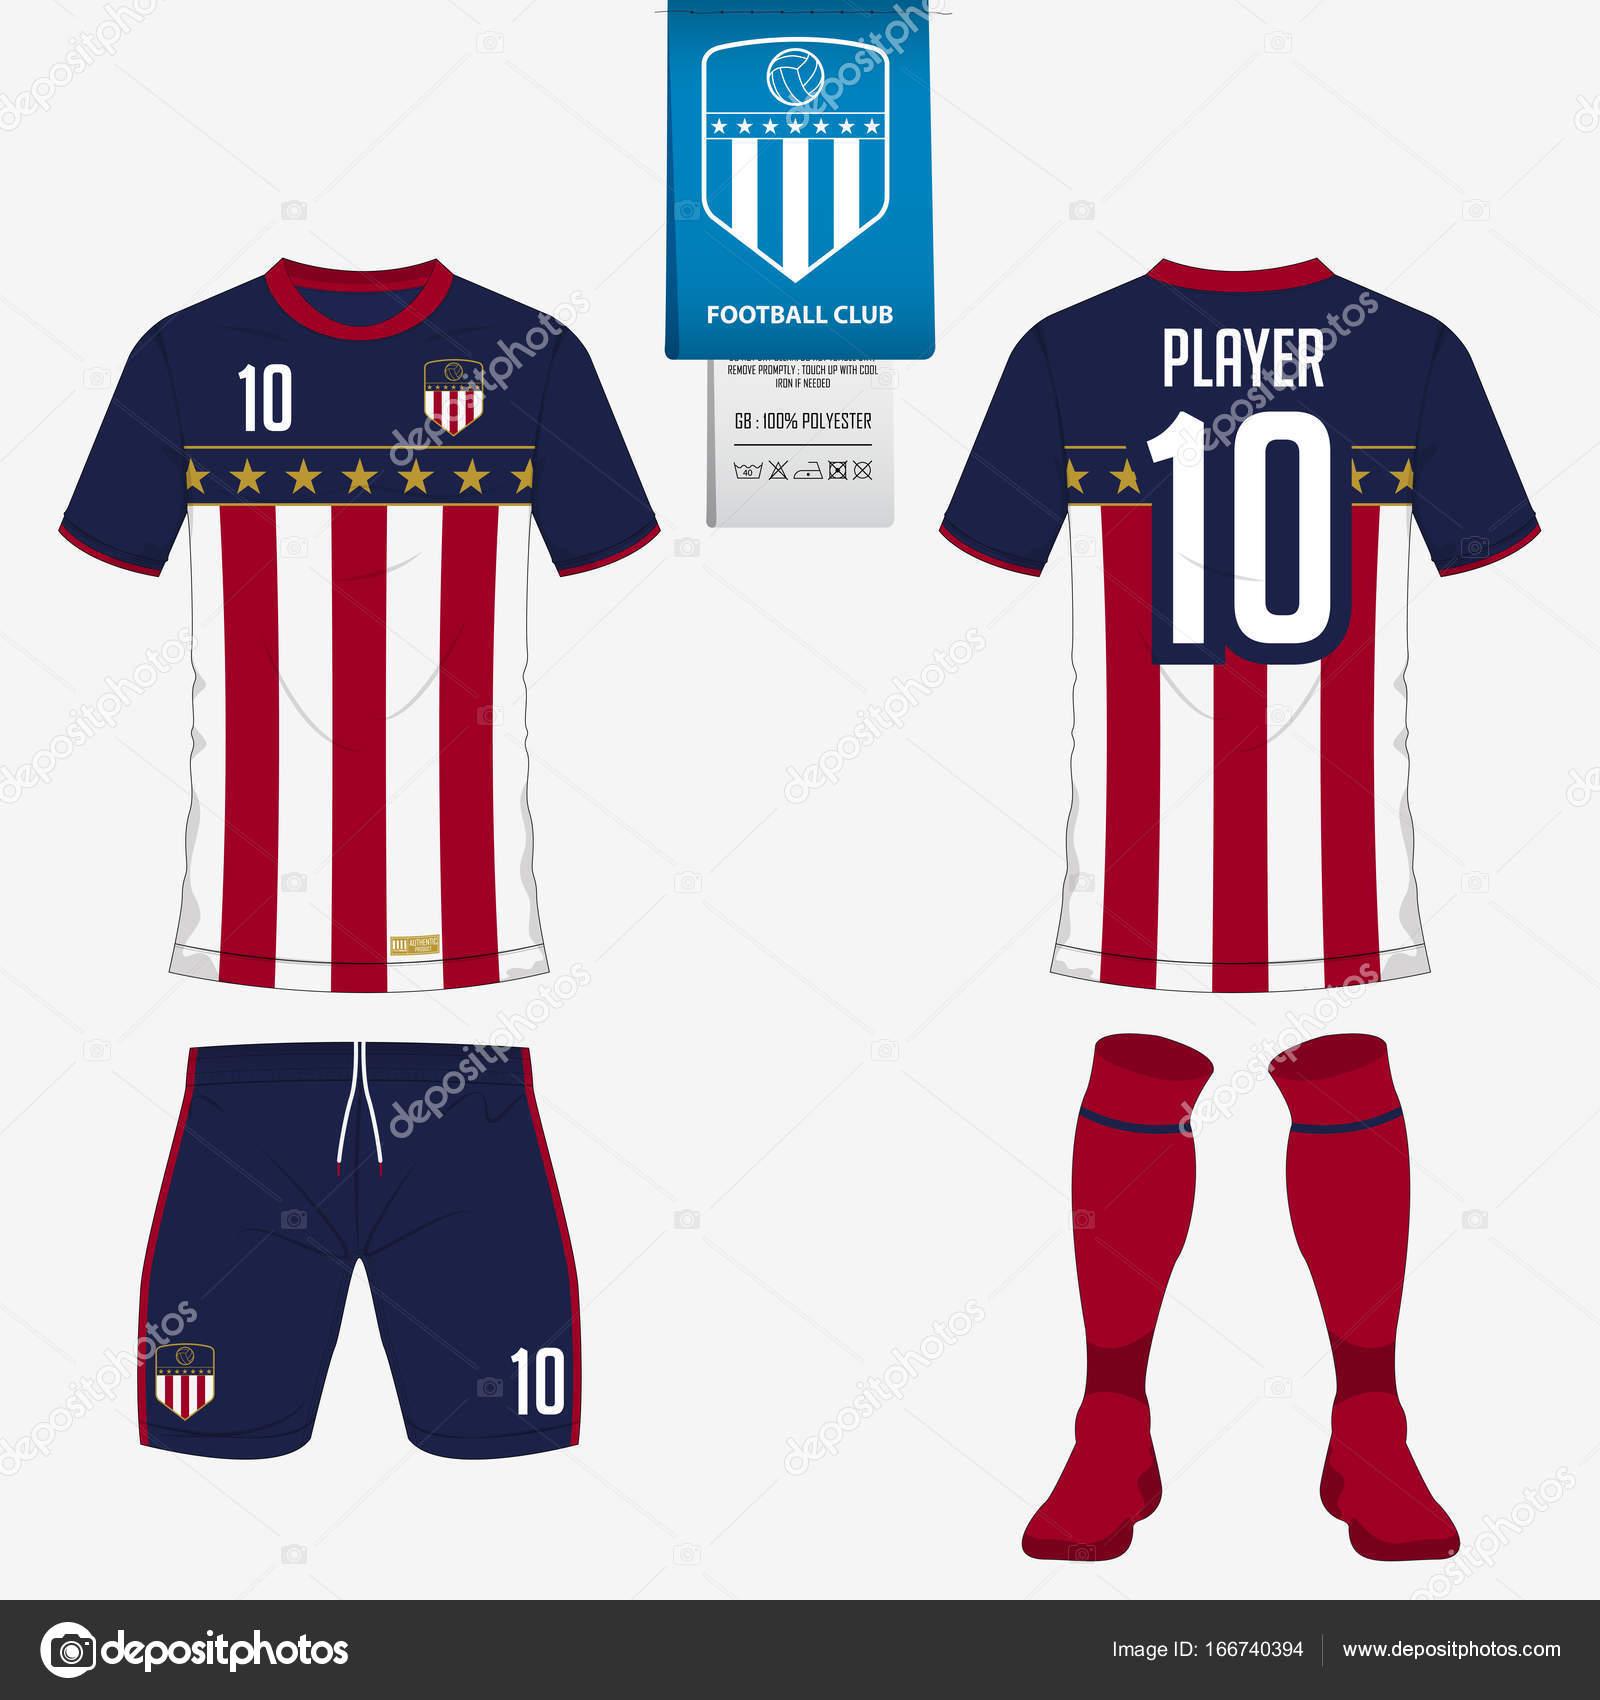 b96d0e89a8208 Futebol jersey ou futebol kit modelo para clube de futebol. Manga curta  futebol t-shirt mock up. Frente e para trás